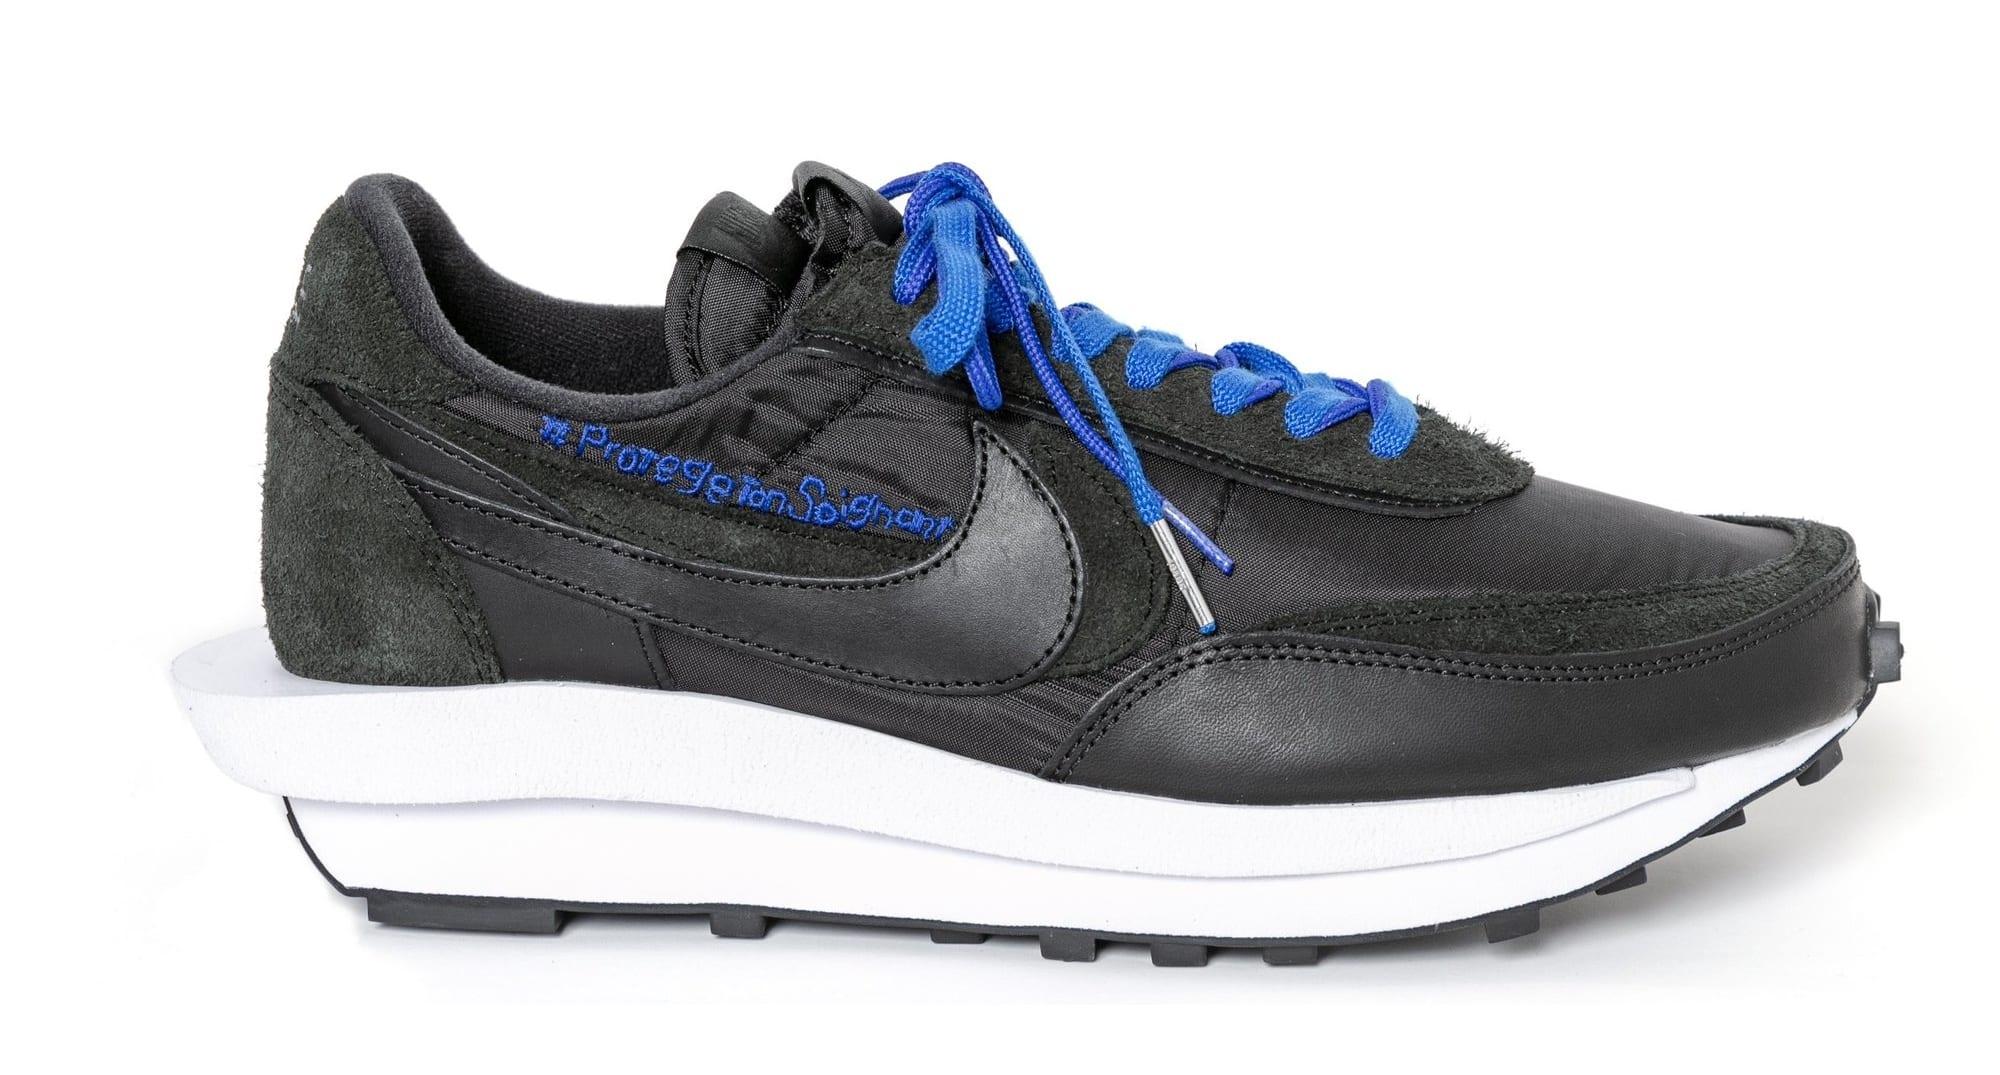 Sacai x Nike LDWaffle Black Custom Coronavirus Relief